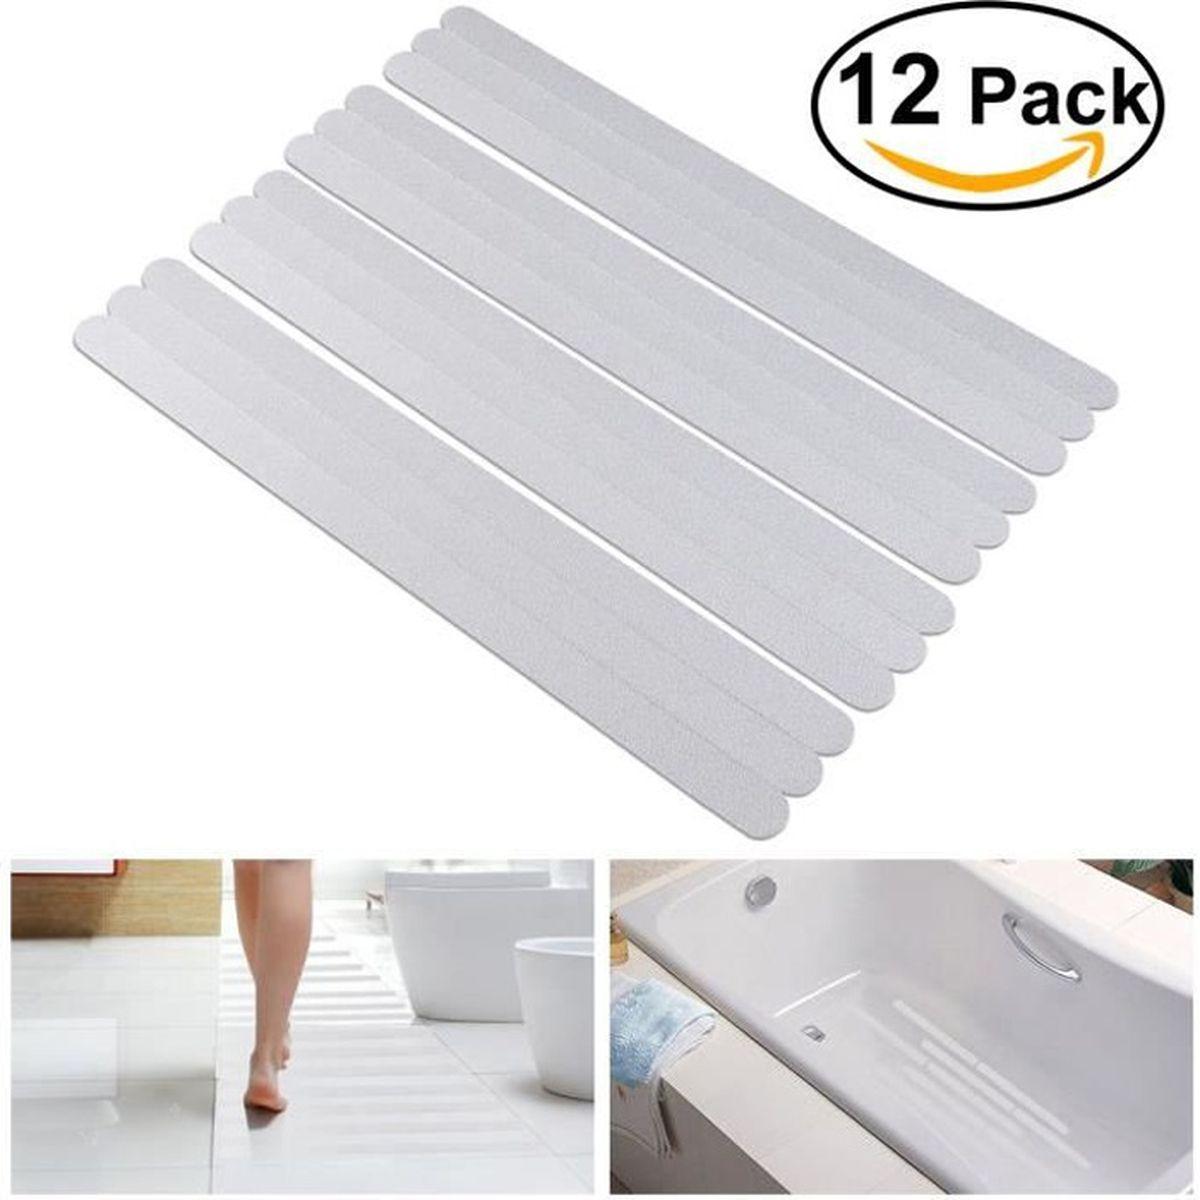 Aide Pour Sortir De La Baignoire 12pcs bandes autocollants antidérapantes pour baignoire